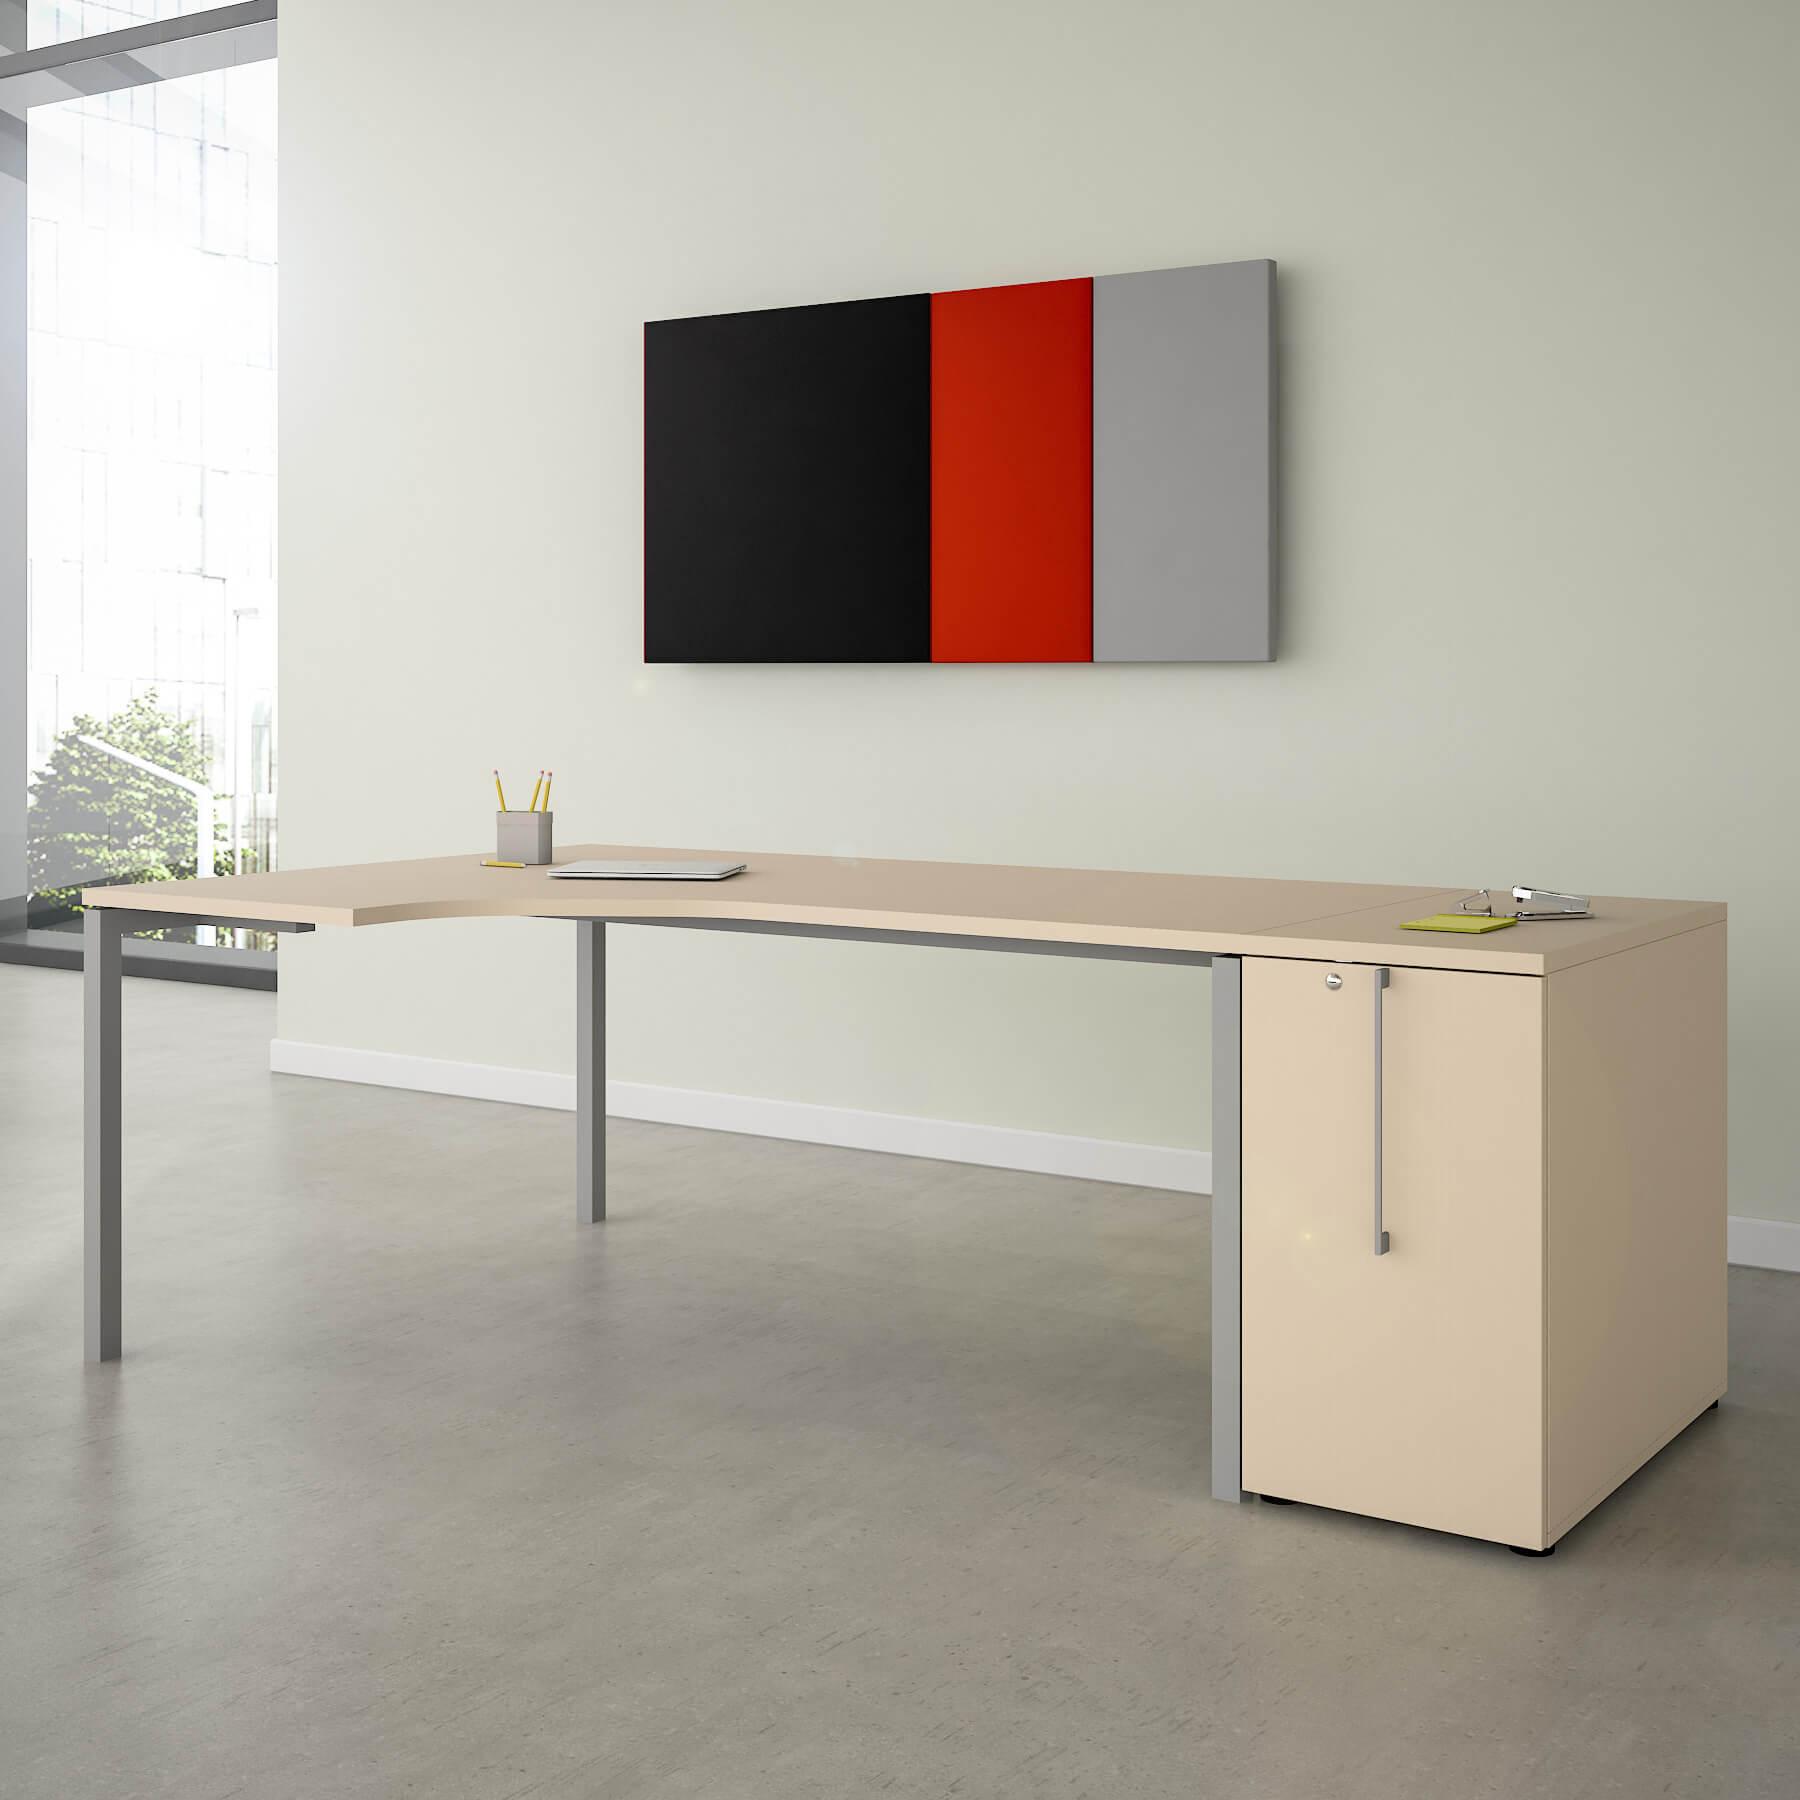 Winkelschreibtisch mit Apothekerschrank BOXI XL 220x120cm Ahorn Eck-Schreibtisch